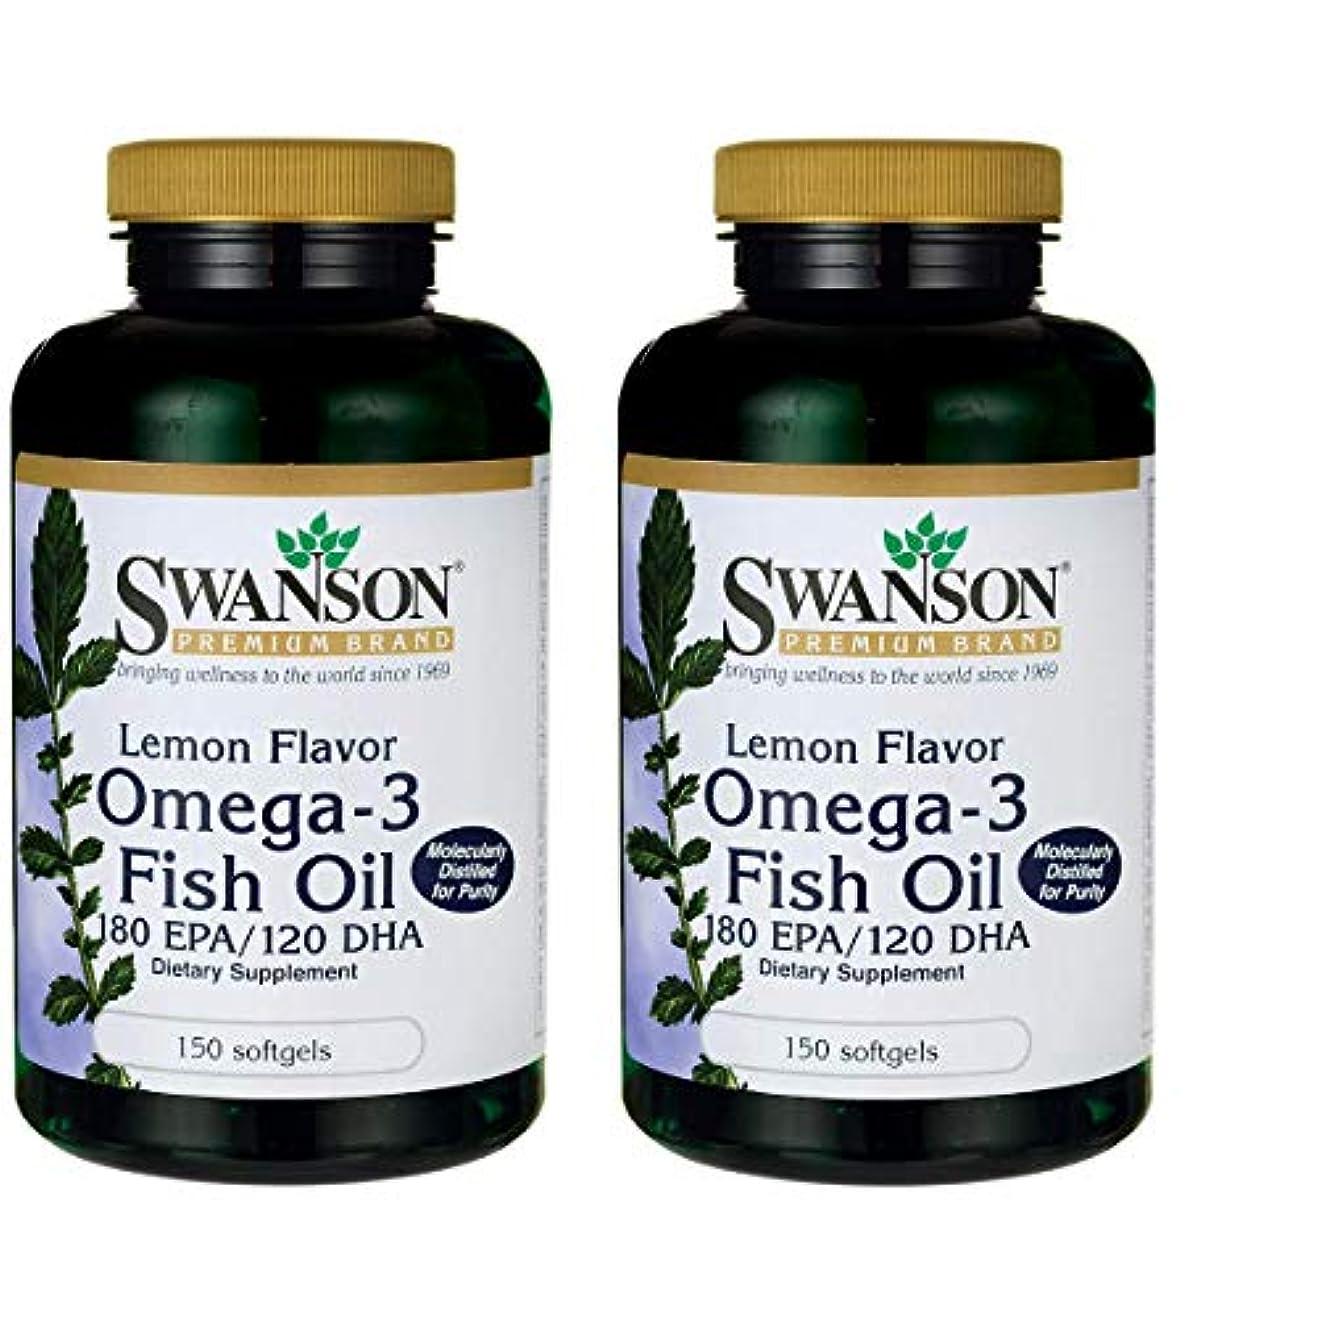 貧しい混乱した前売Swanson Omega 3 Fish Oil EPA + DHA Lemon Flavor 150粒×2個